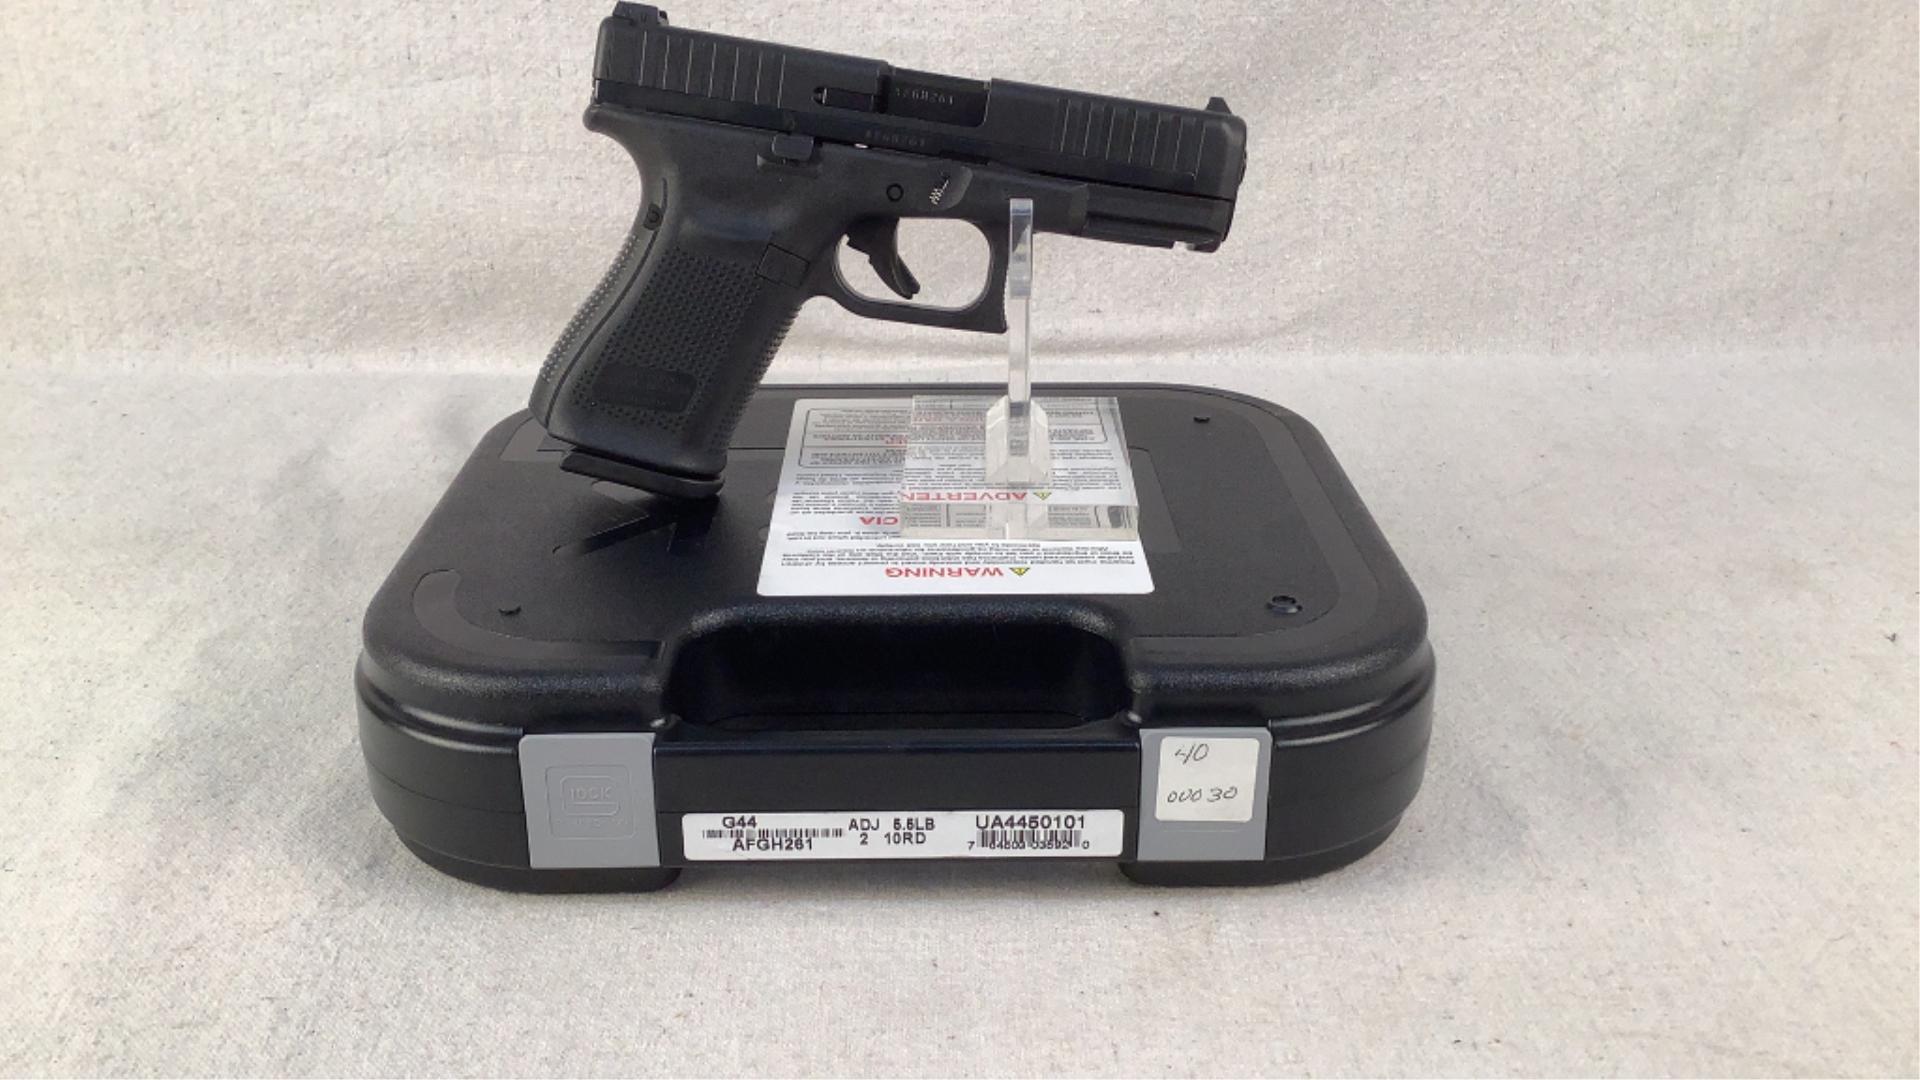 Glock Model 44 Pistol 22 Long Rifle